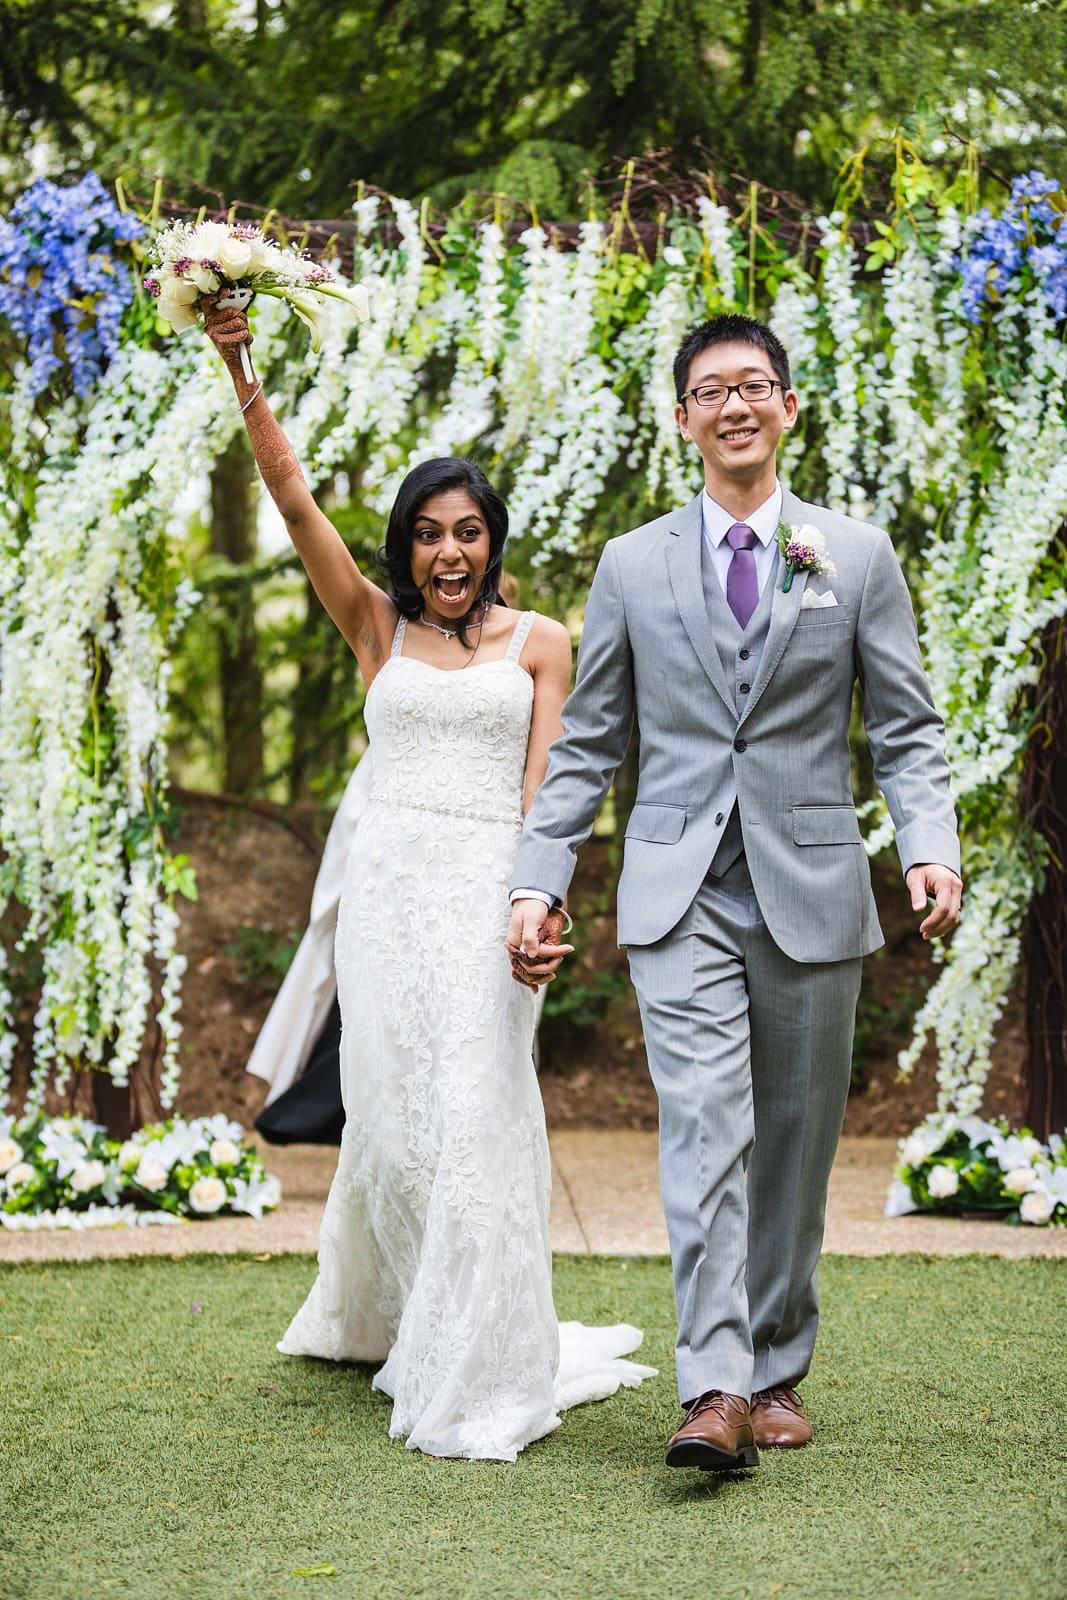 Atlanta wedding ceremony exit bride smiles